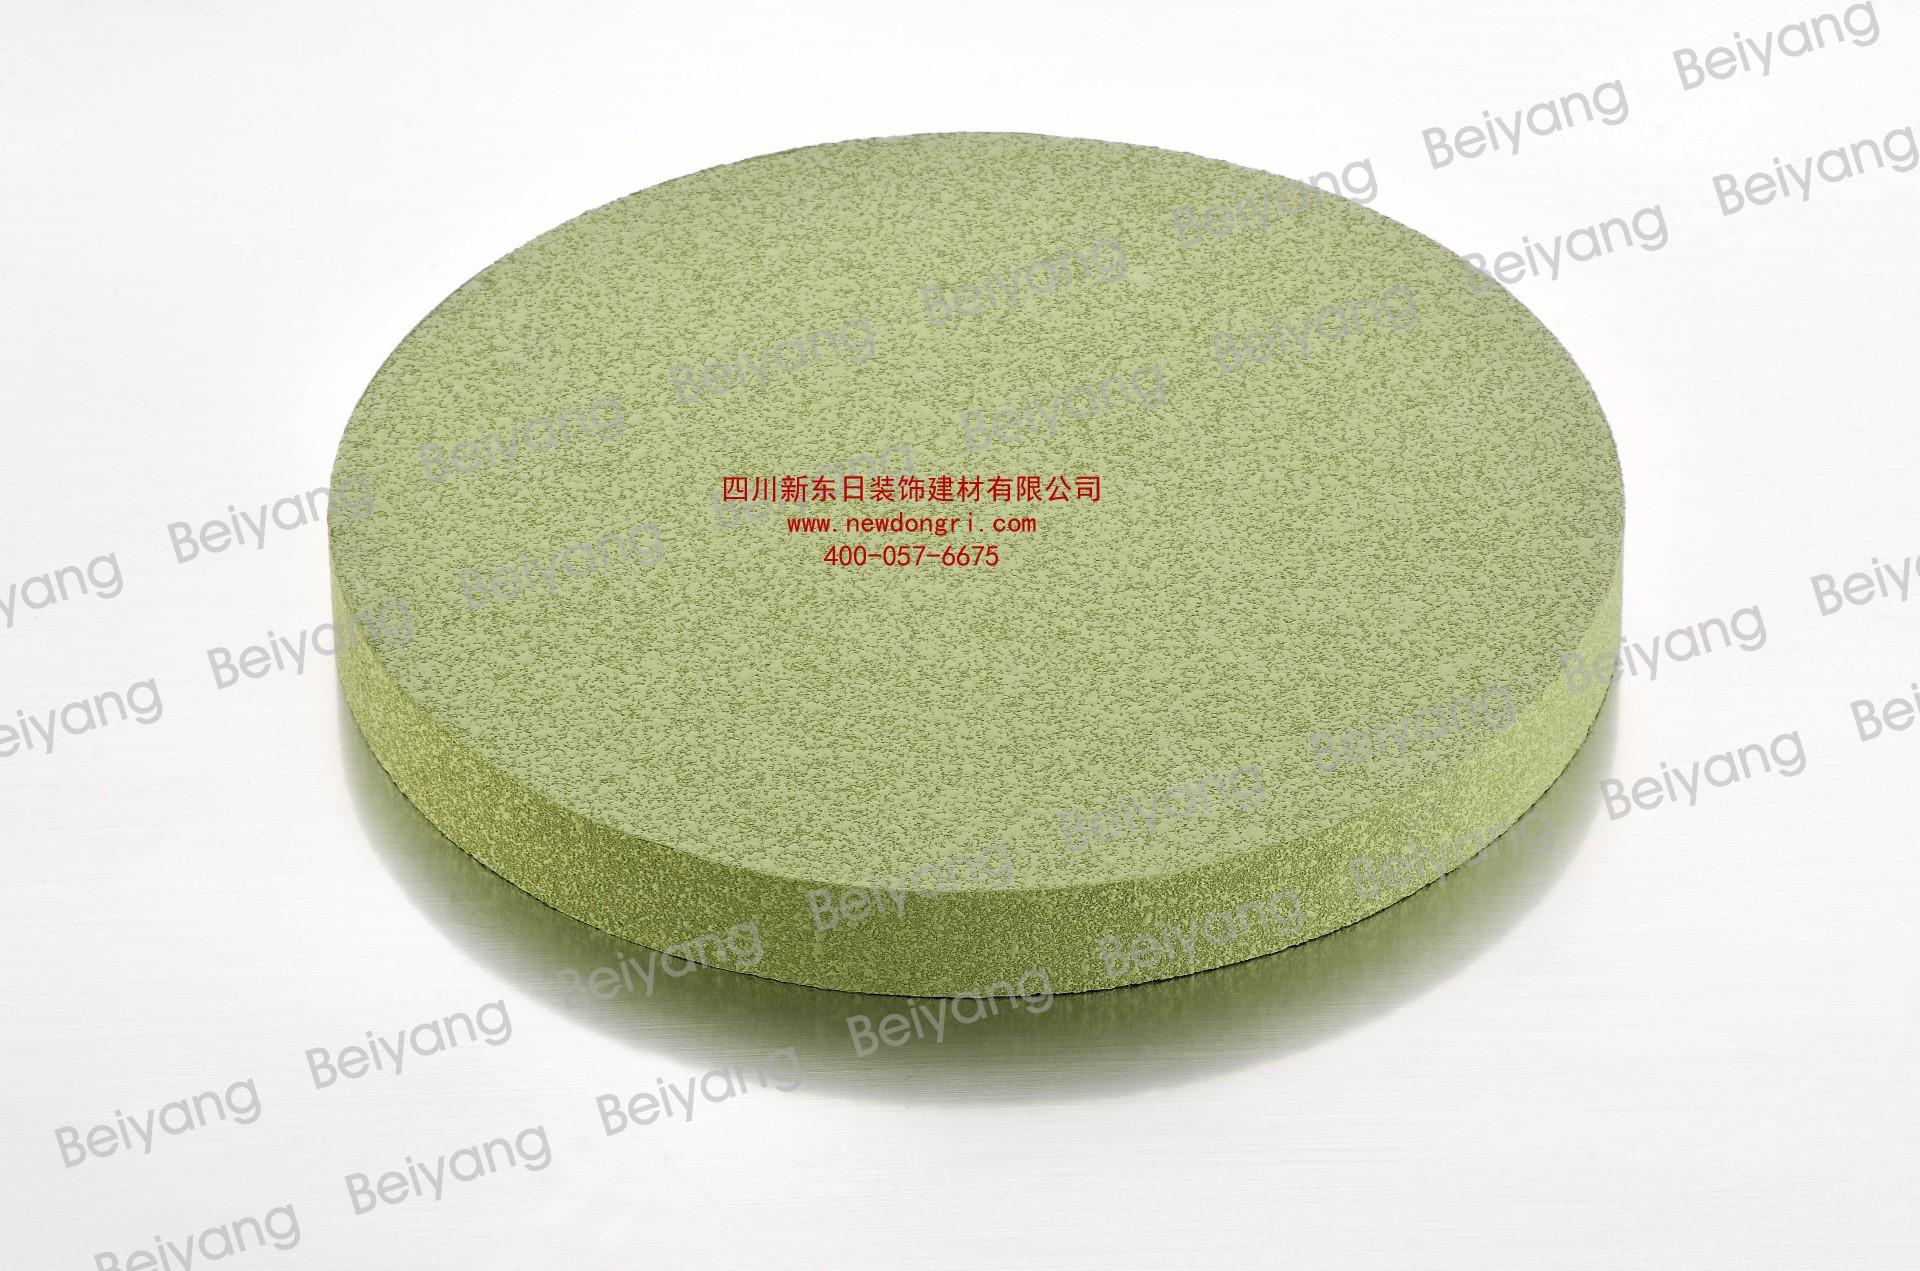 绿色400-057-6675